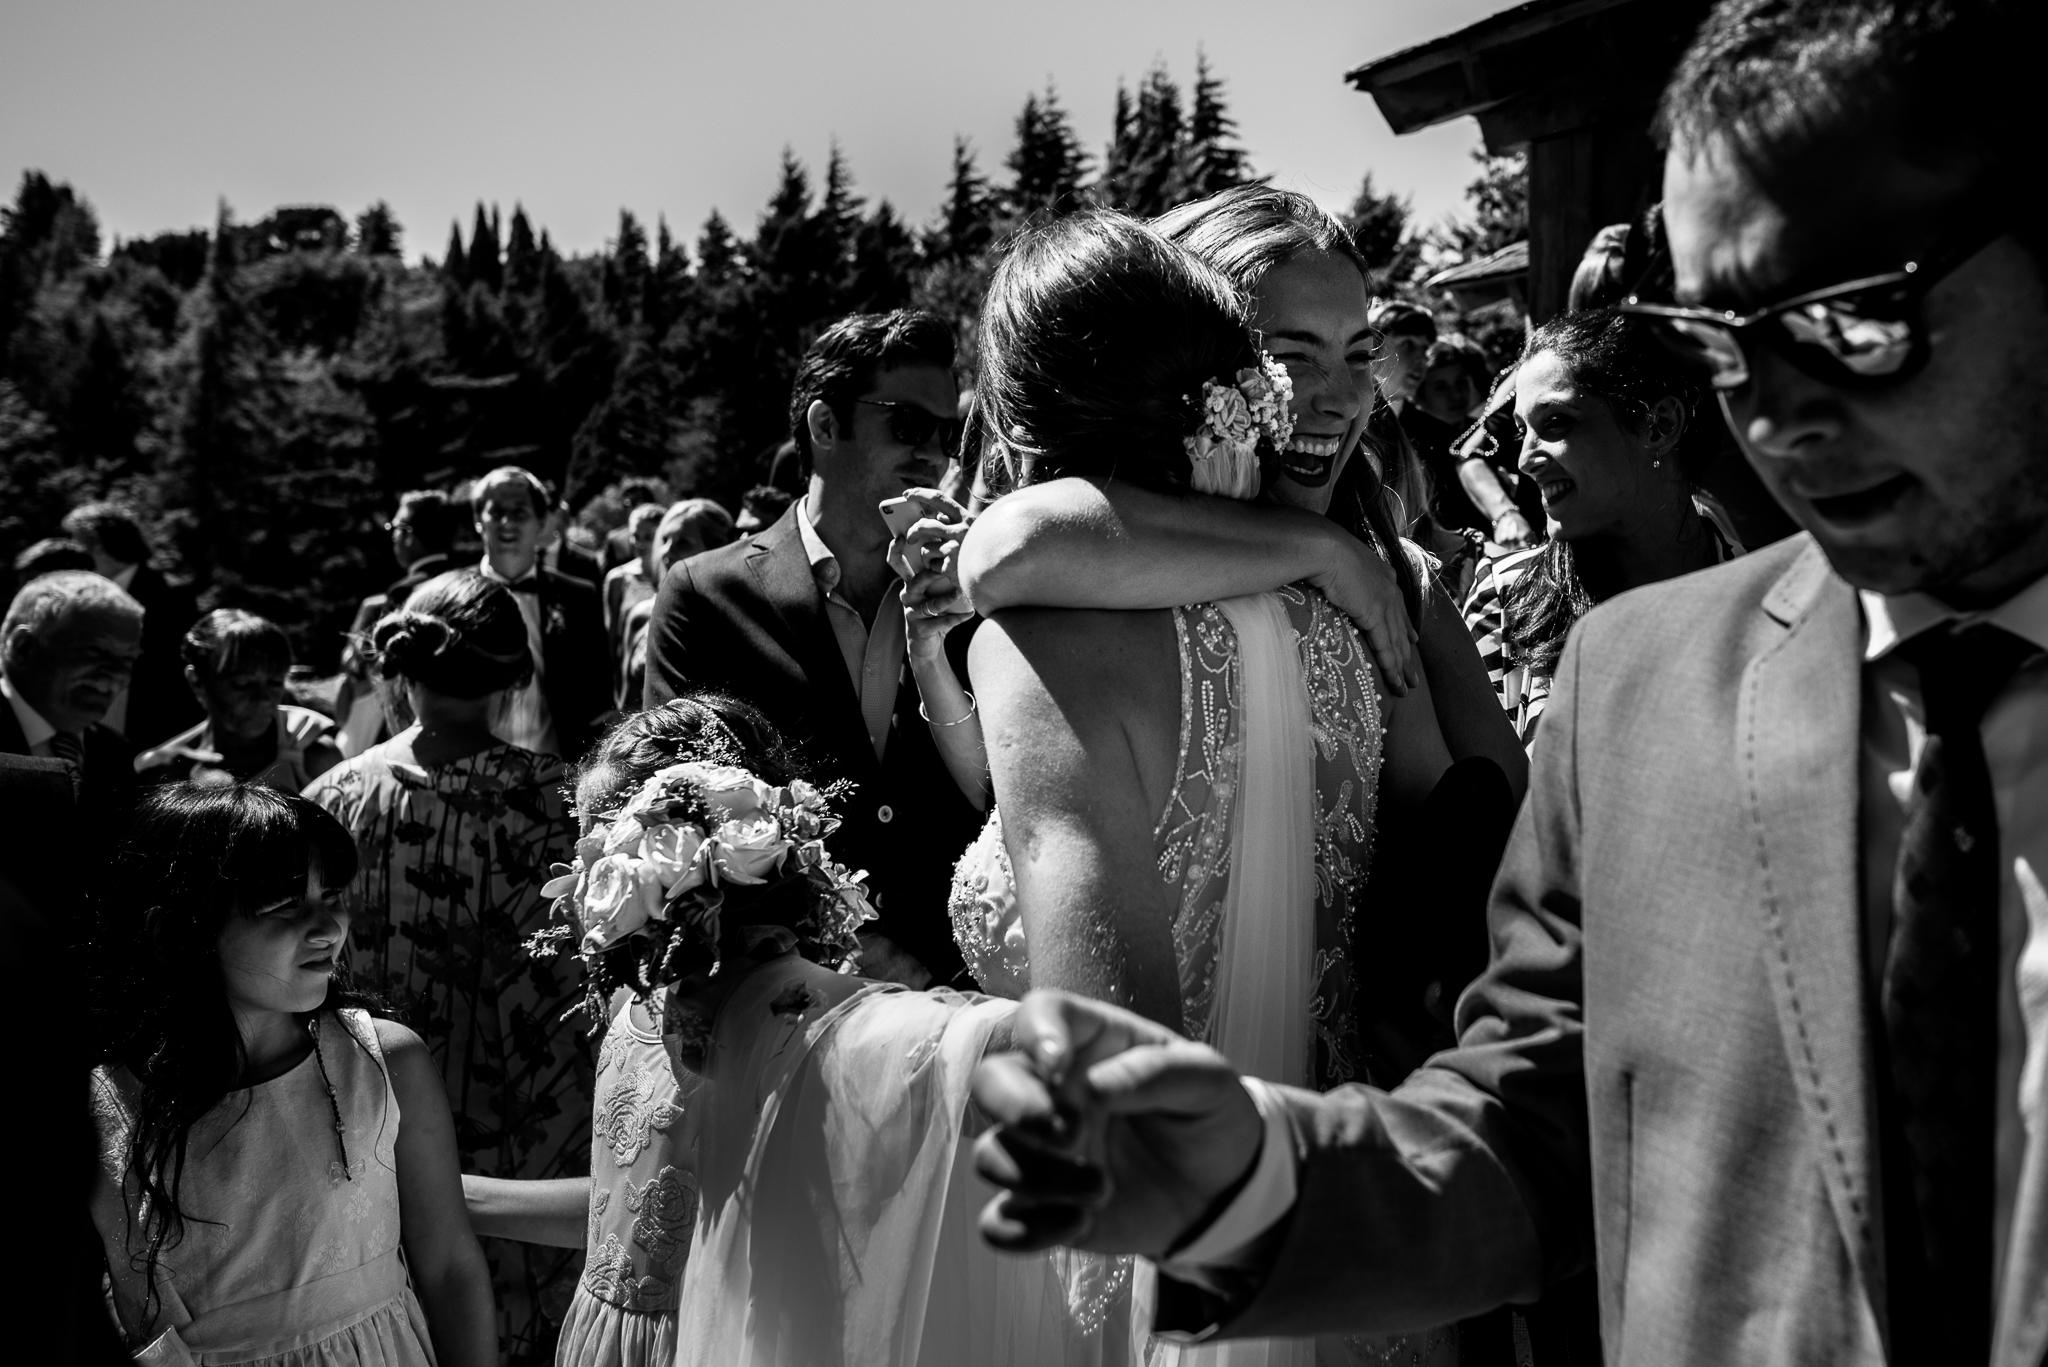 boda-bariloche-maxi-oviedo-fotografo-ramo-vestido-de-novia-41.jpg